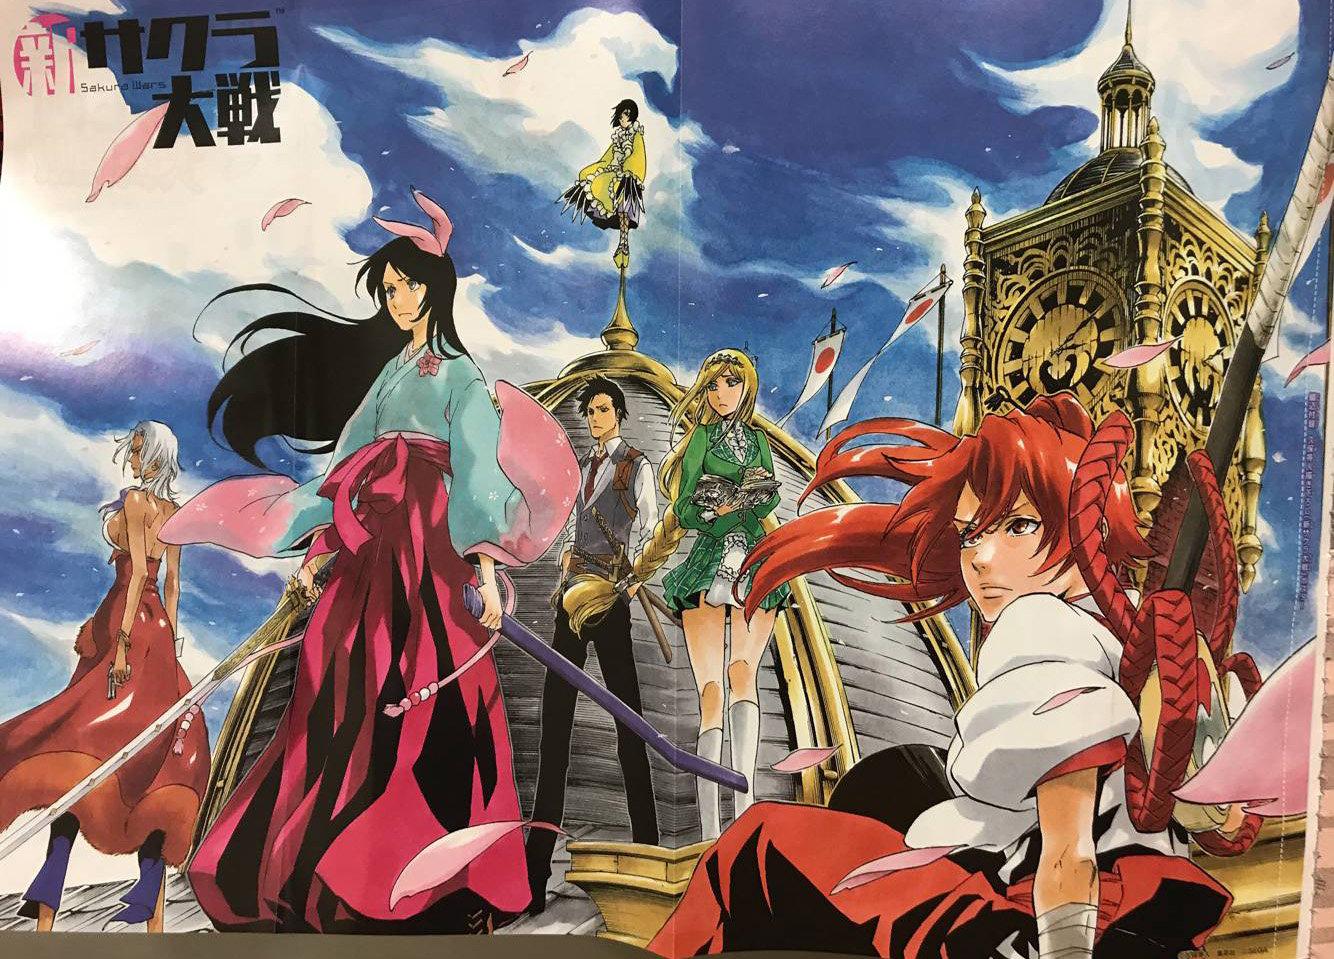 《新樱花大战》推出衍生漫画小说 12月19日发售